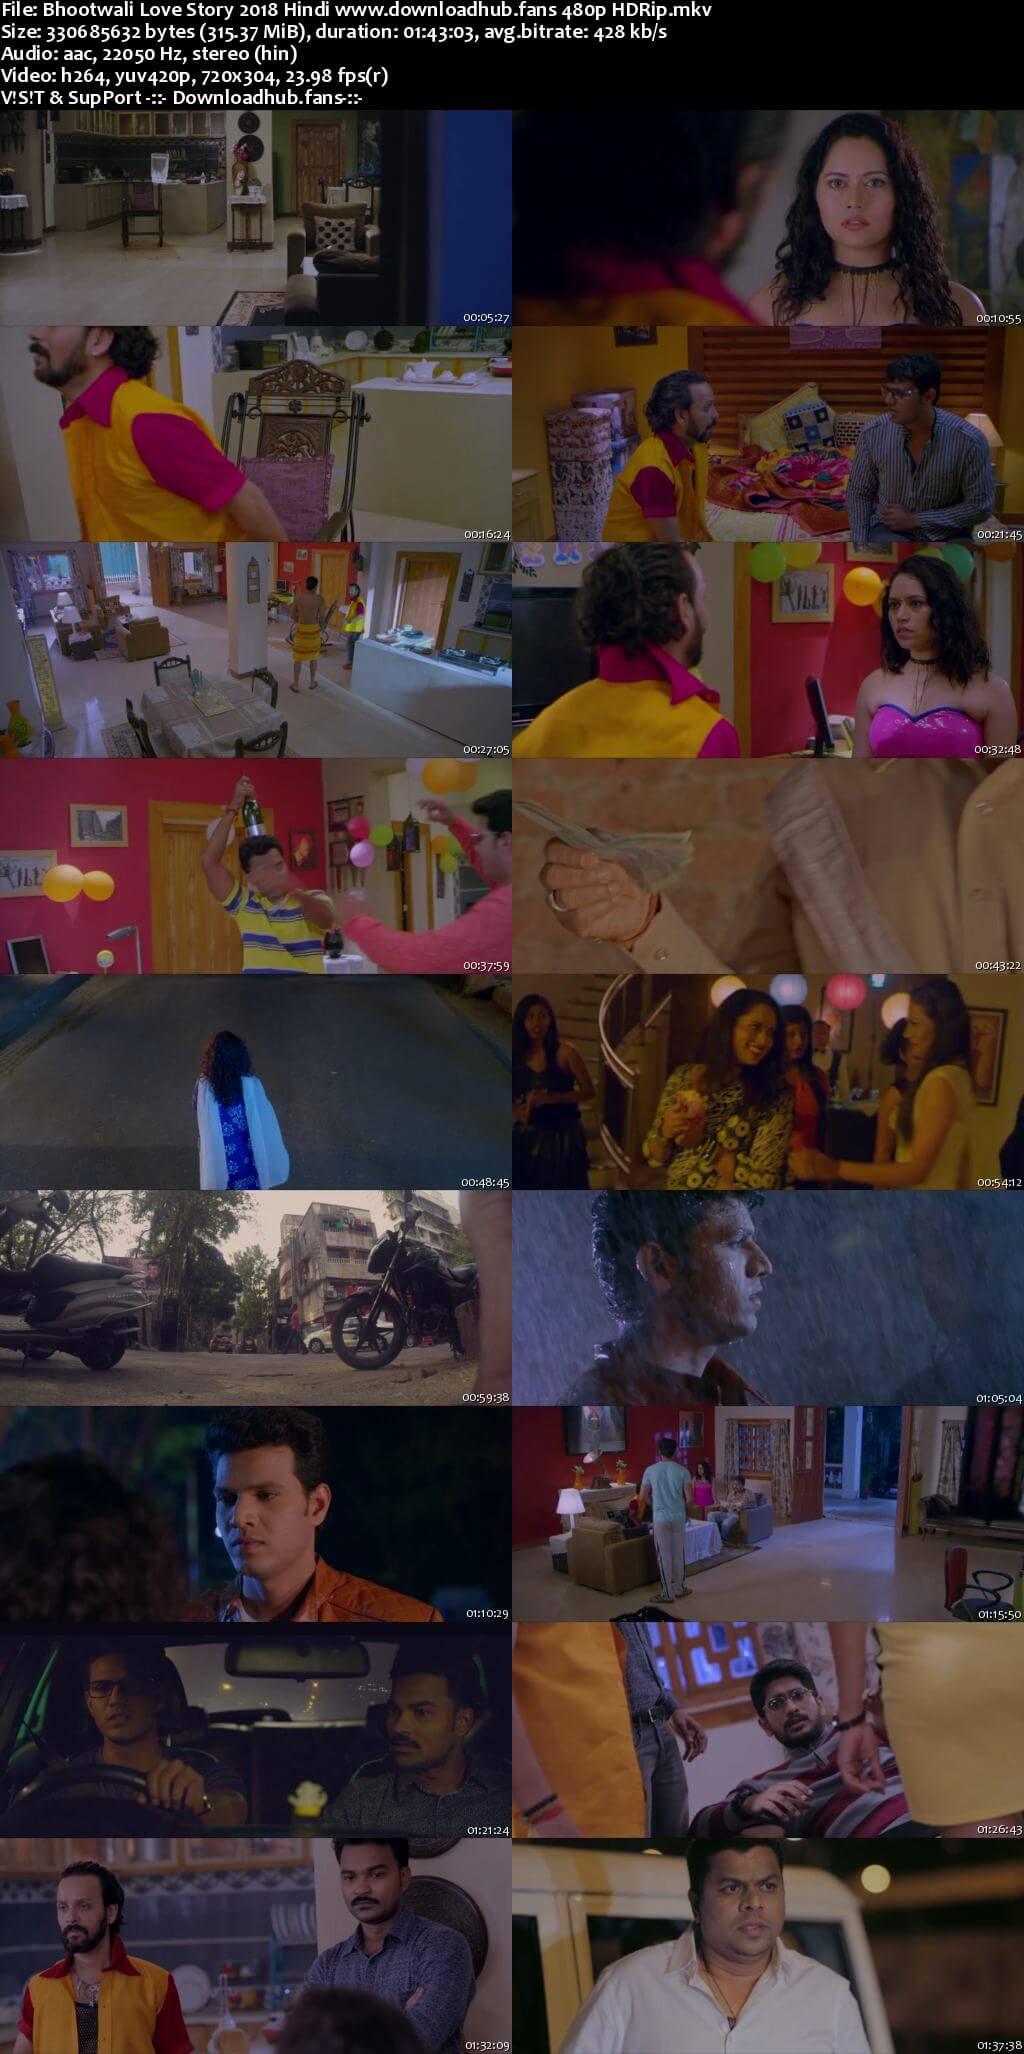 Bhootwali Love Story 2018 Hindi 300MB HDRip 480p